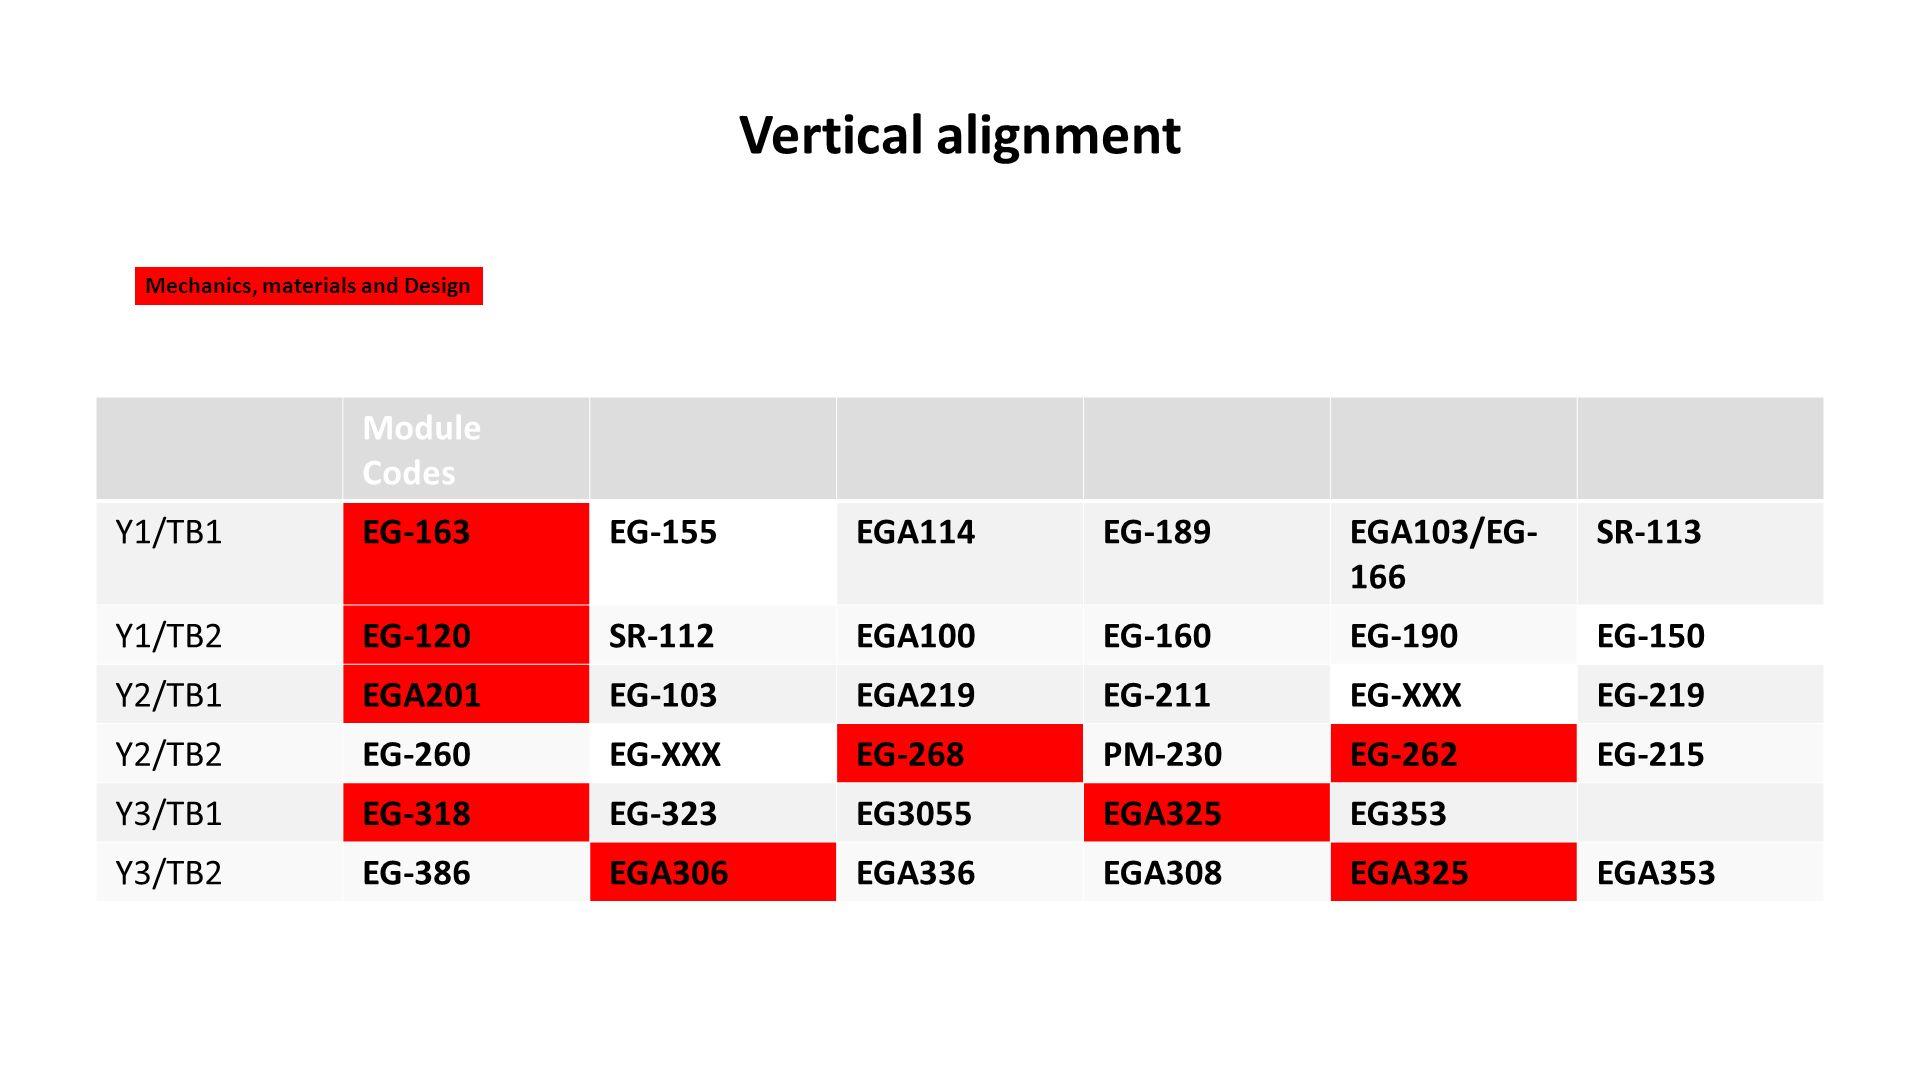 Vertical alignment Module Codes Y1/TB1EG-163EG-155EGA114EG-189EGA103/EG- 166 SR-113 Y1/TB2EG-120SR-112EGA100EG-160EG-190EG-150 Y2/TB1EGA201EG-103EGA219EG-211EG-XXXEG-219 Y2/TB2EG-260EG-XXXEG-268PM-230EG-262EG-215 Y3/TB1EG-318EG-323EG3055EGA325EG353 Y3/TB2EG-386EGA306EGA336EGA308EGA325EGA353 Mechanics, materials and Design